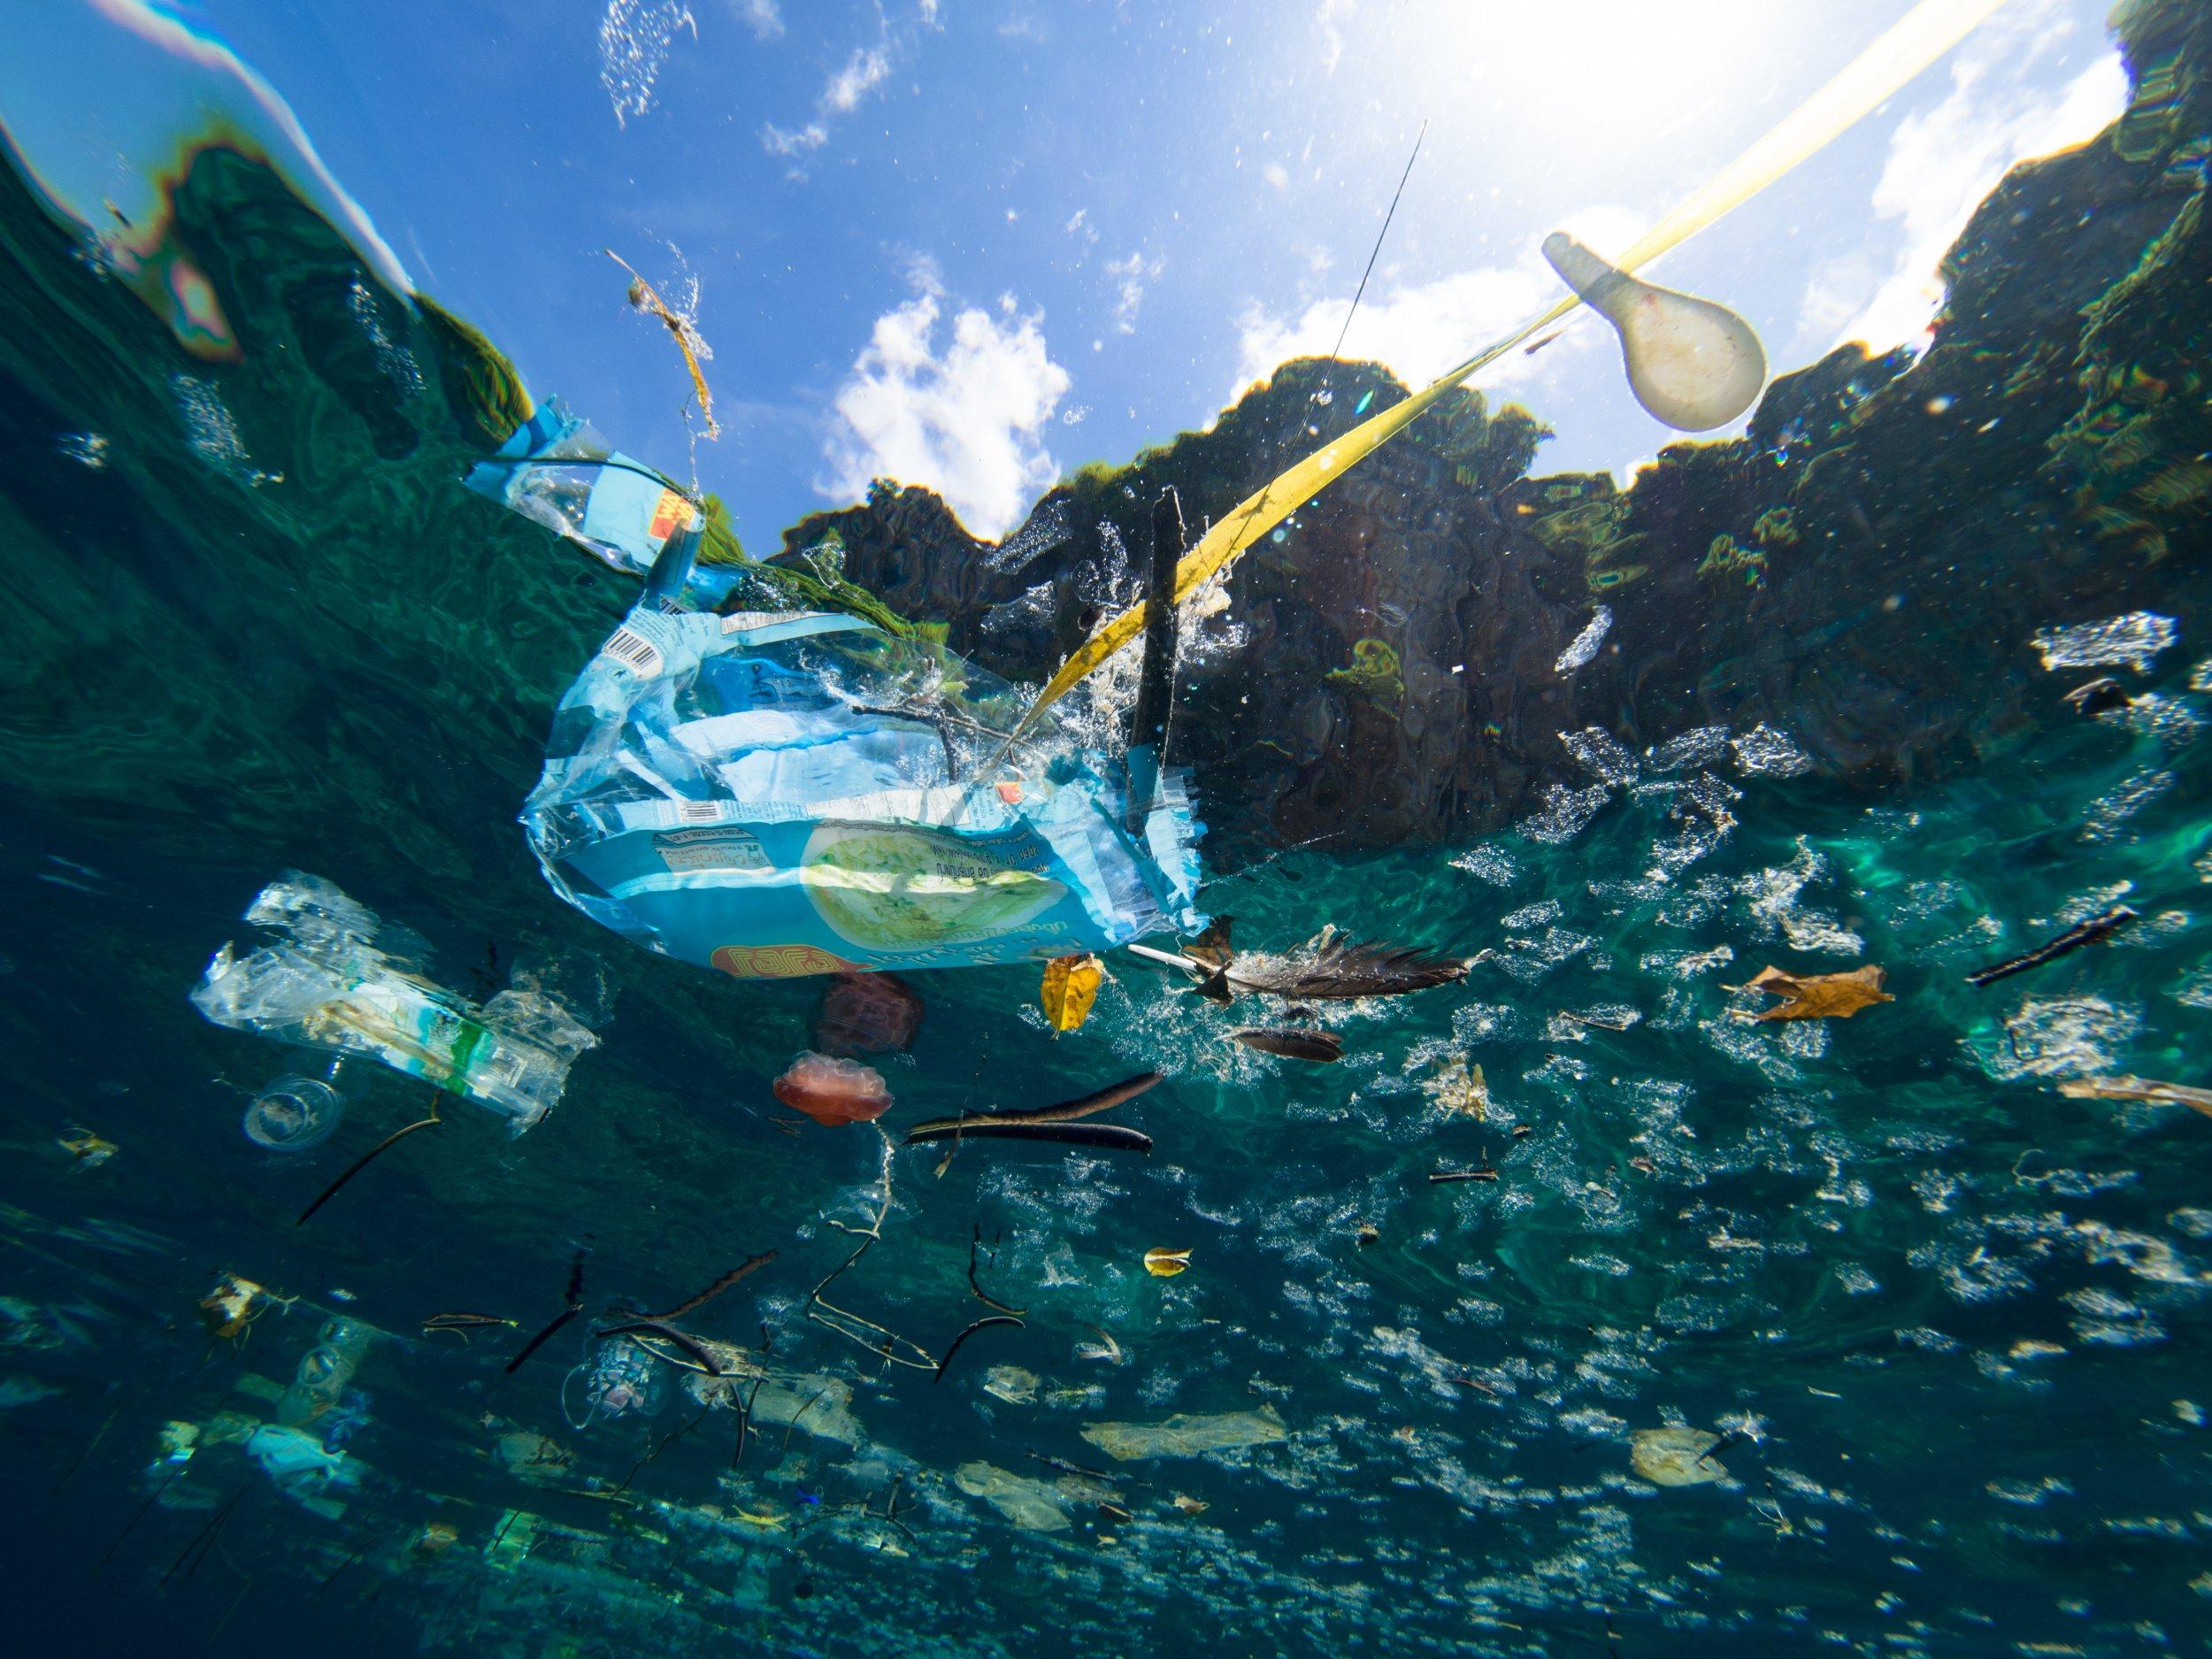 basura marina